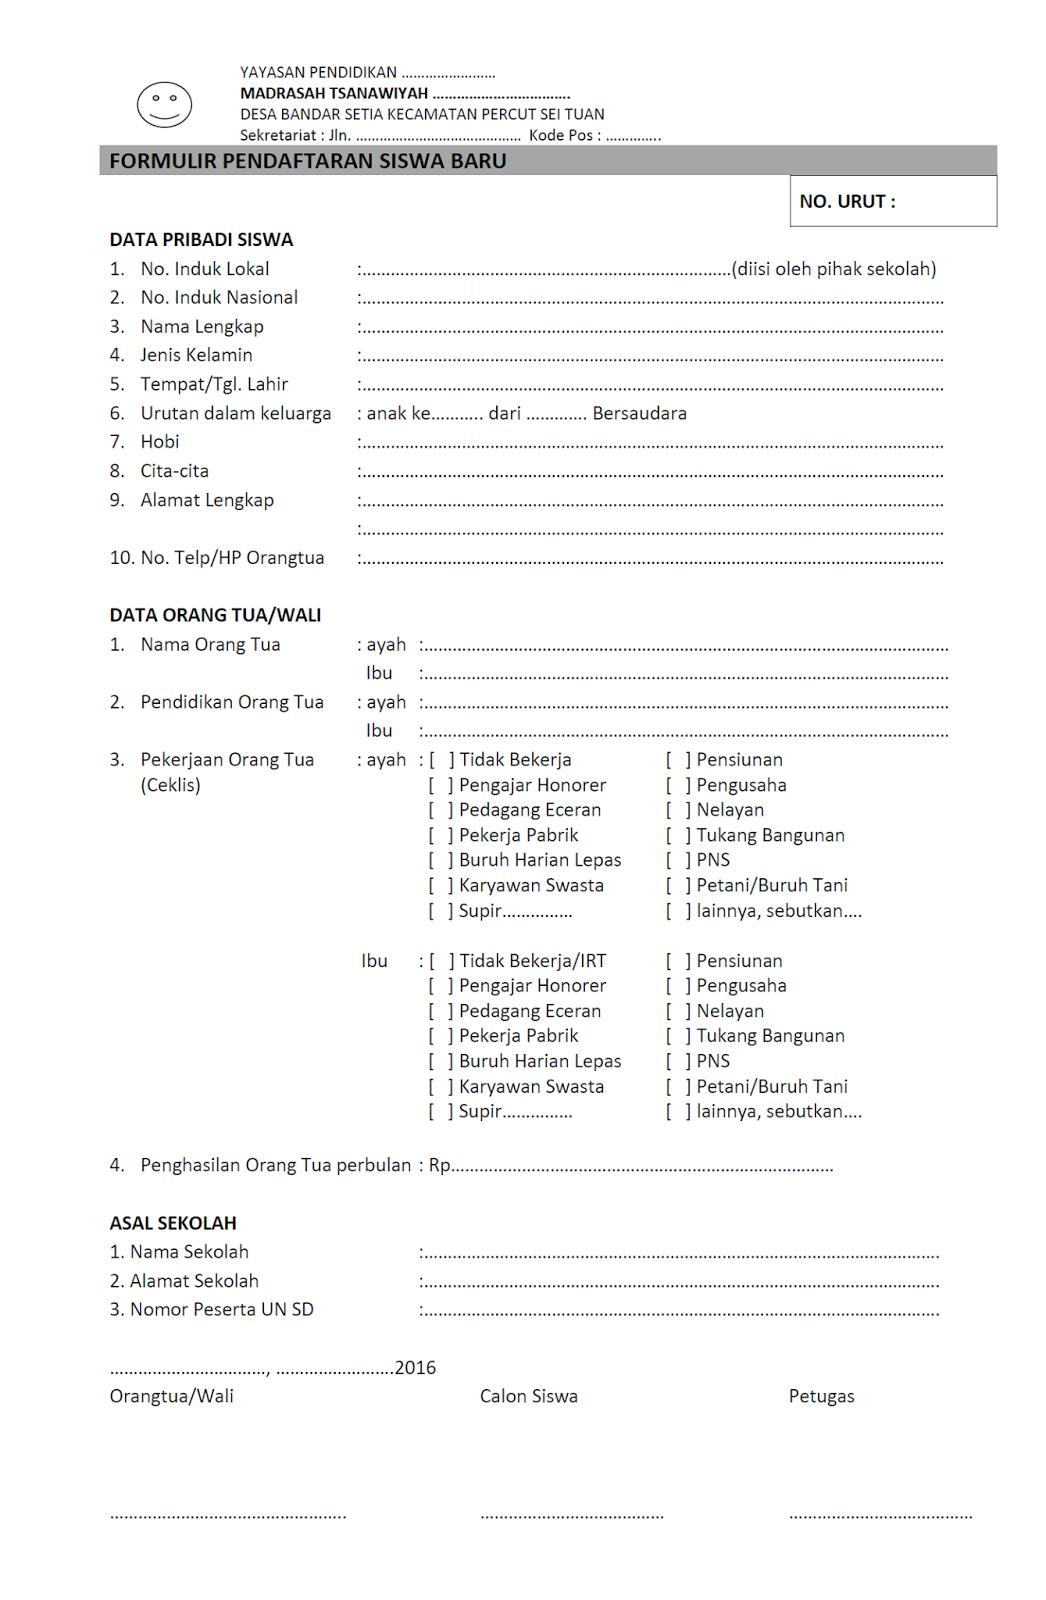 Contoh Formulir Pendaftaran Sekolah : contoh, formulir, pendaftaran, sekolah, Contoh, Formulir